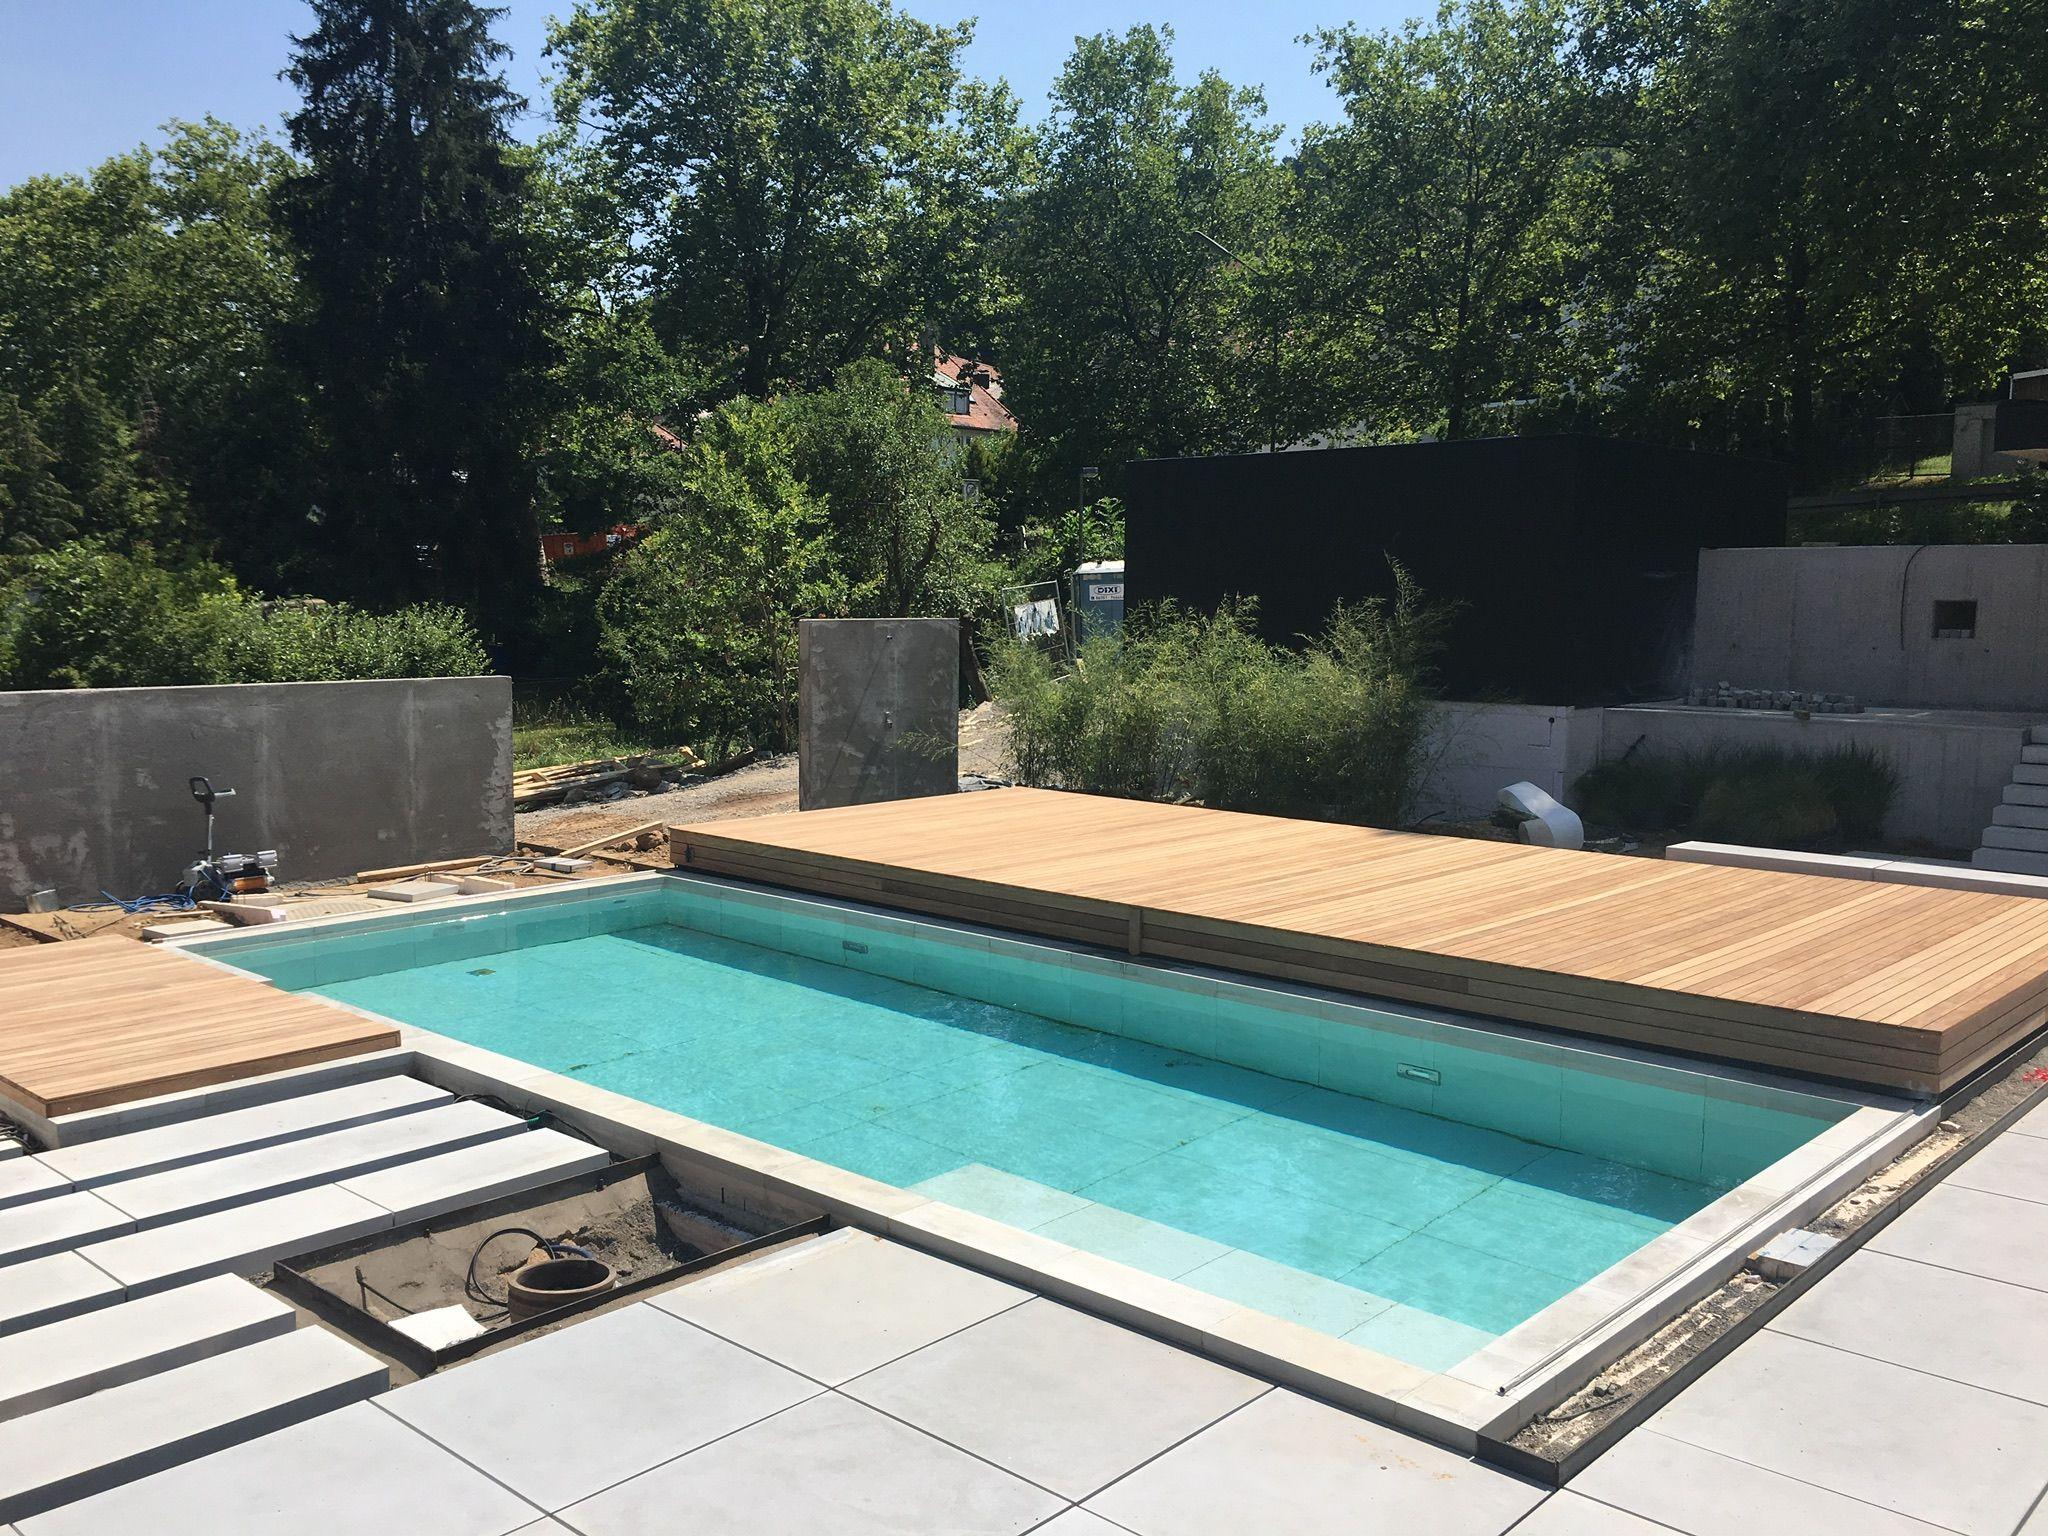 Poolabdeckung begehbar, kleiner Pool im Garten mit Vollabdeckung #poolimgartenideen